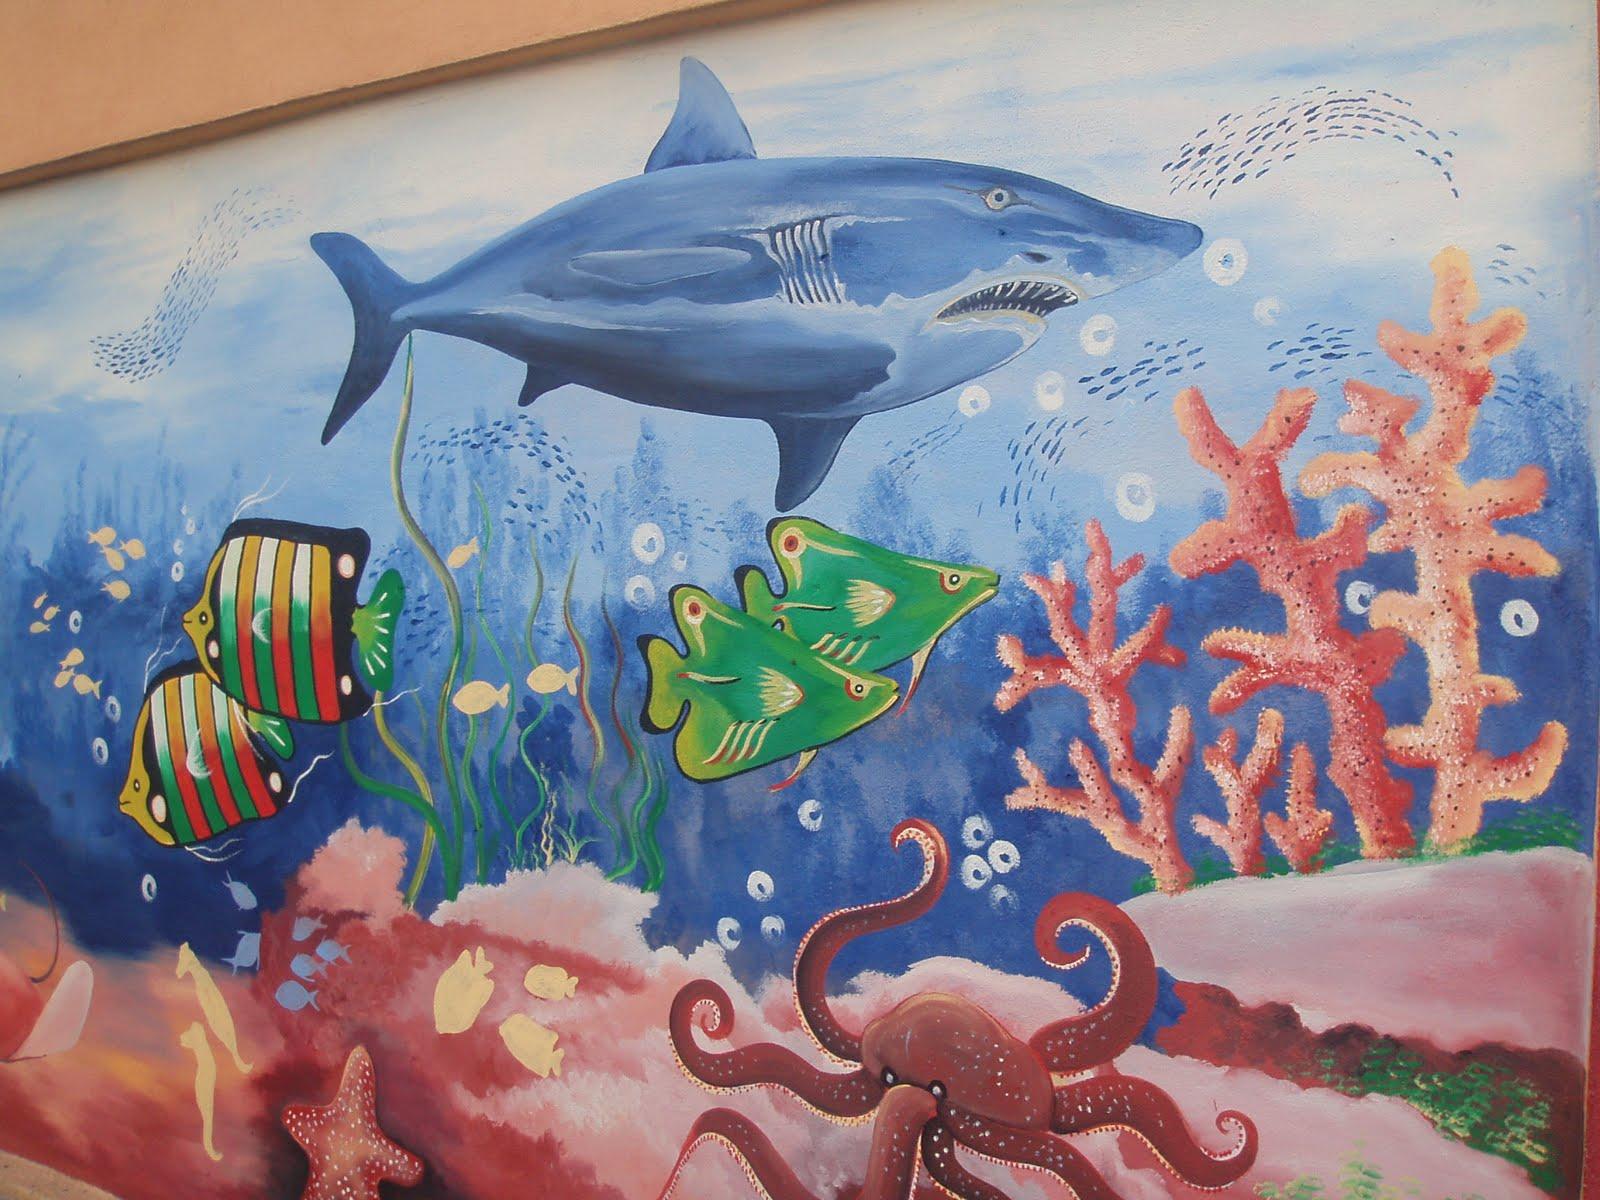 Pelukis mural shah alam dasar laut for Mural 1 malaysia